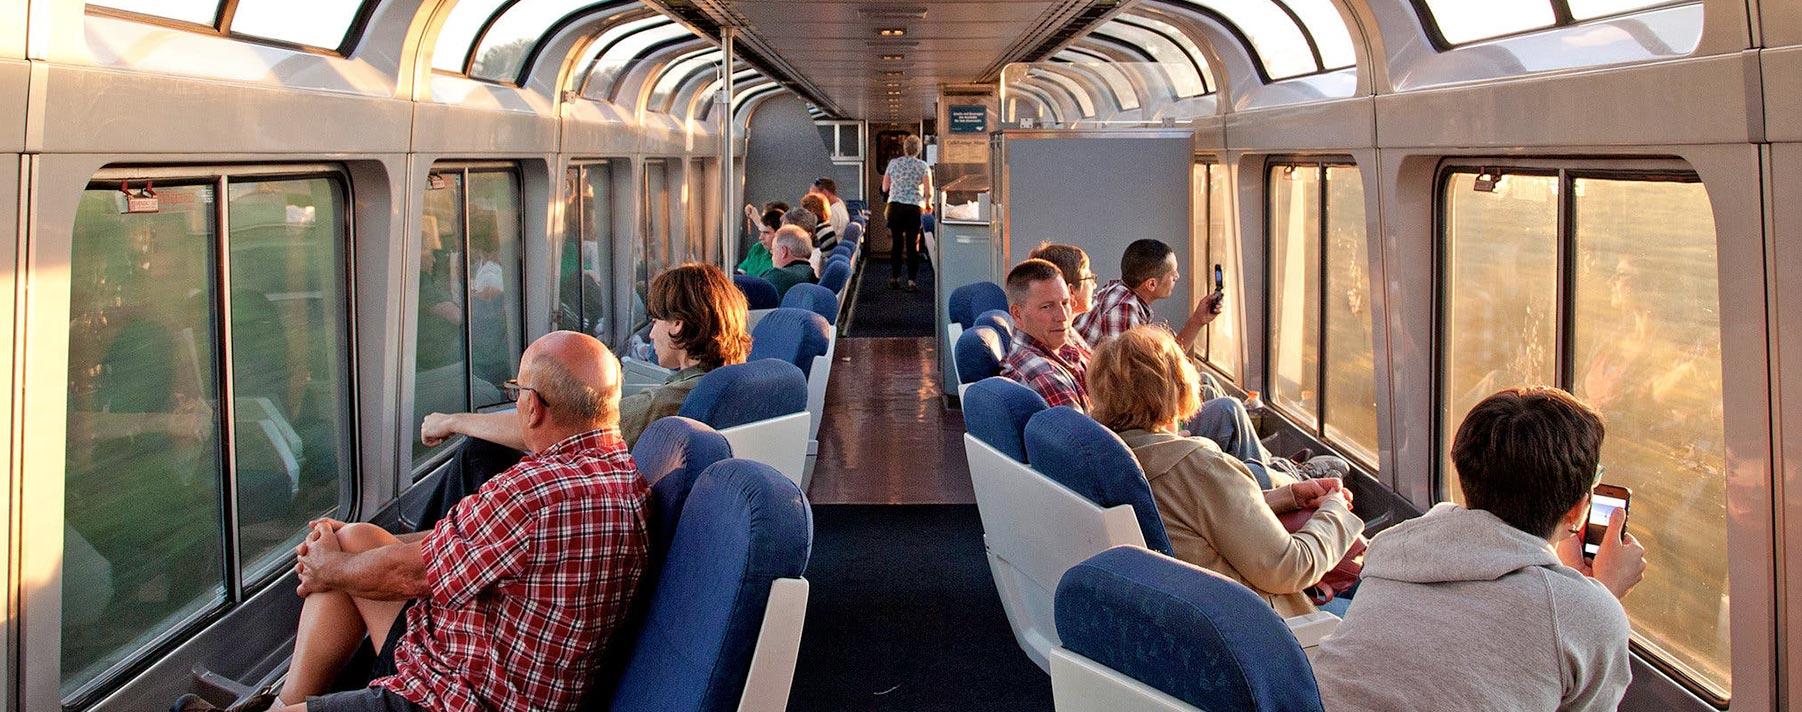 El California Zephyr es un tren que te lleva casi de costa a costa, pasando por las ciudades más conocidas de Estados Unidos.